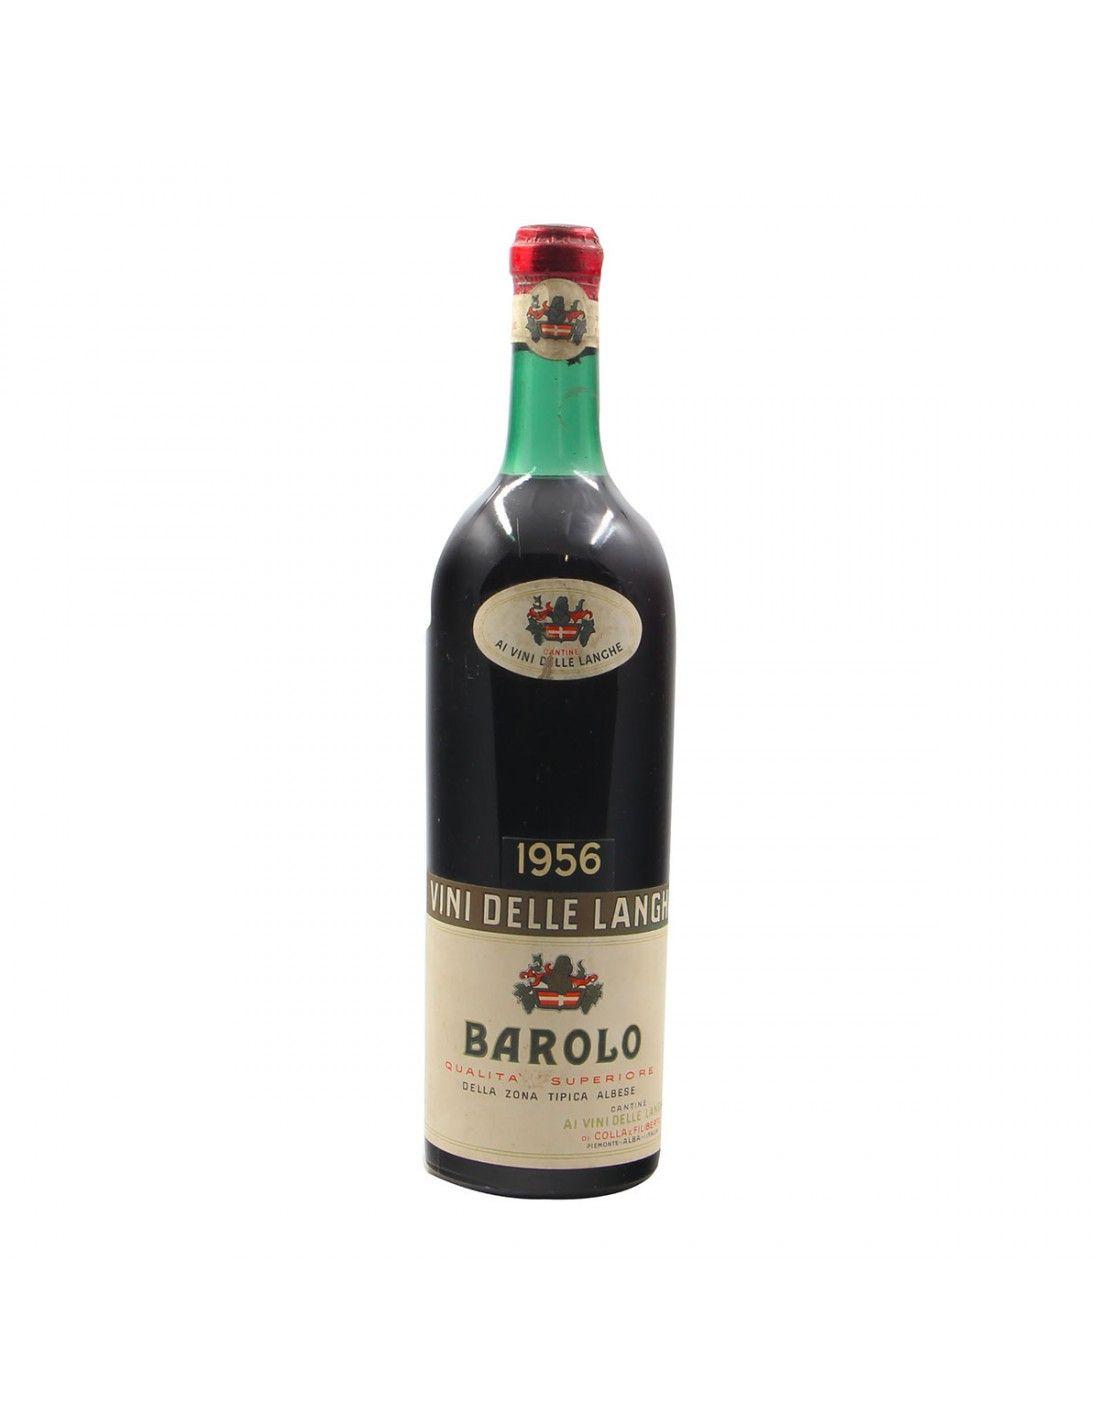 Barolo 1956 CANTINA VINI DELLE LANGHE COLLA FILIBERTO GRANDI